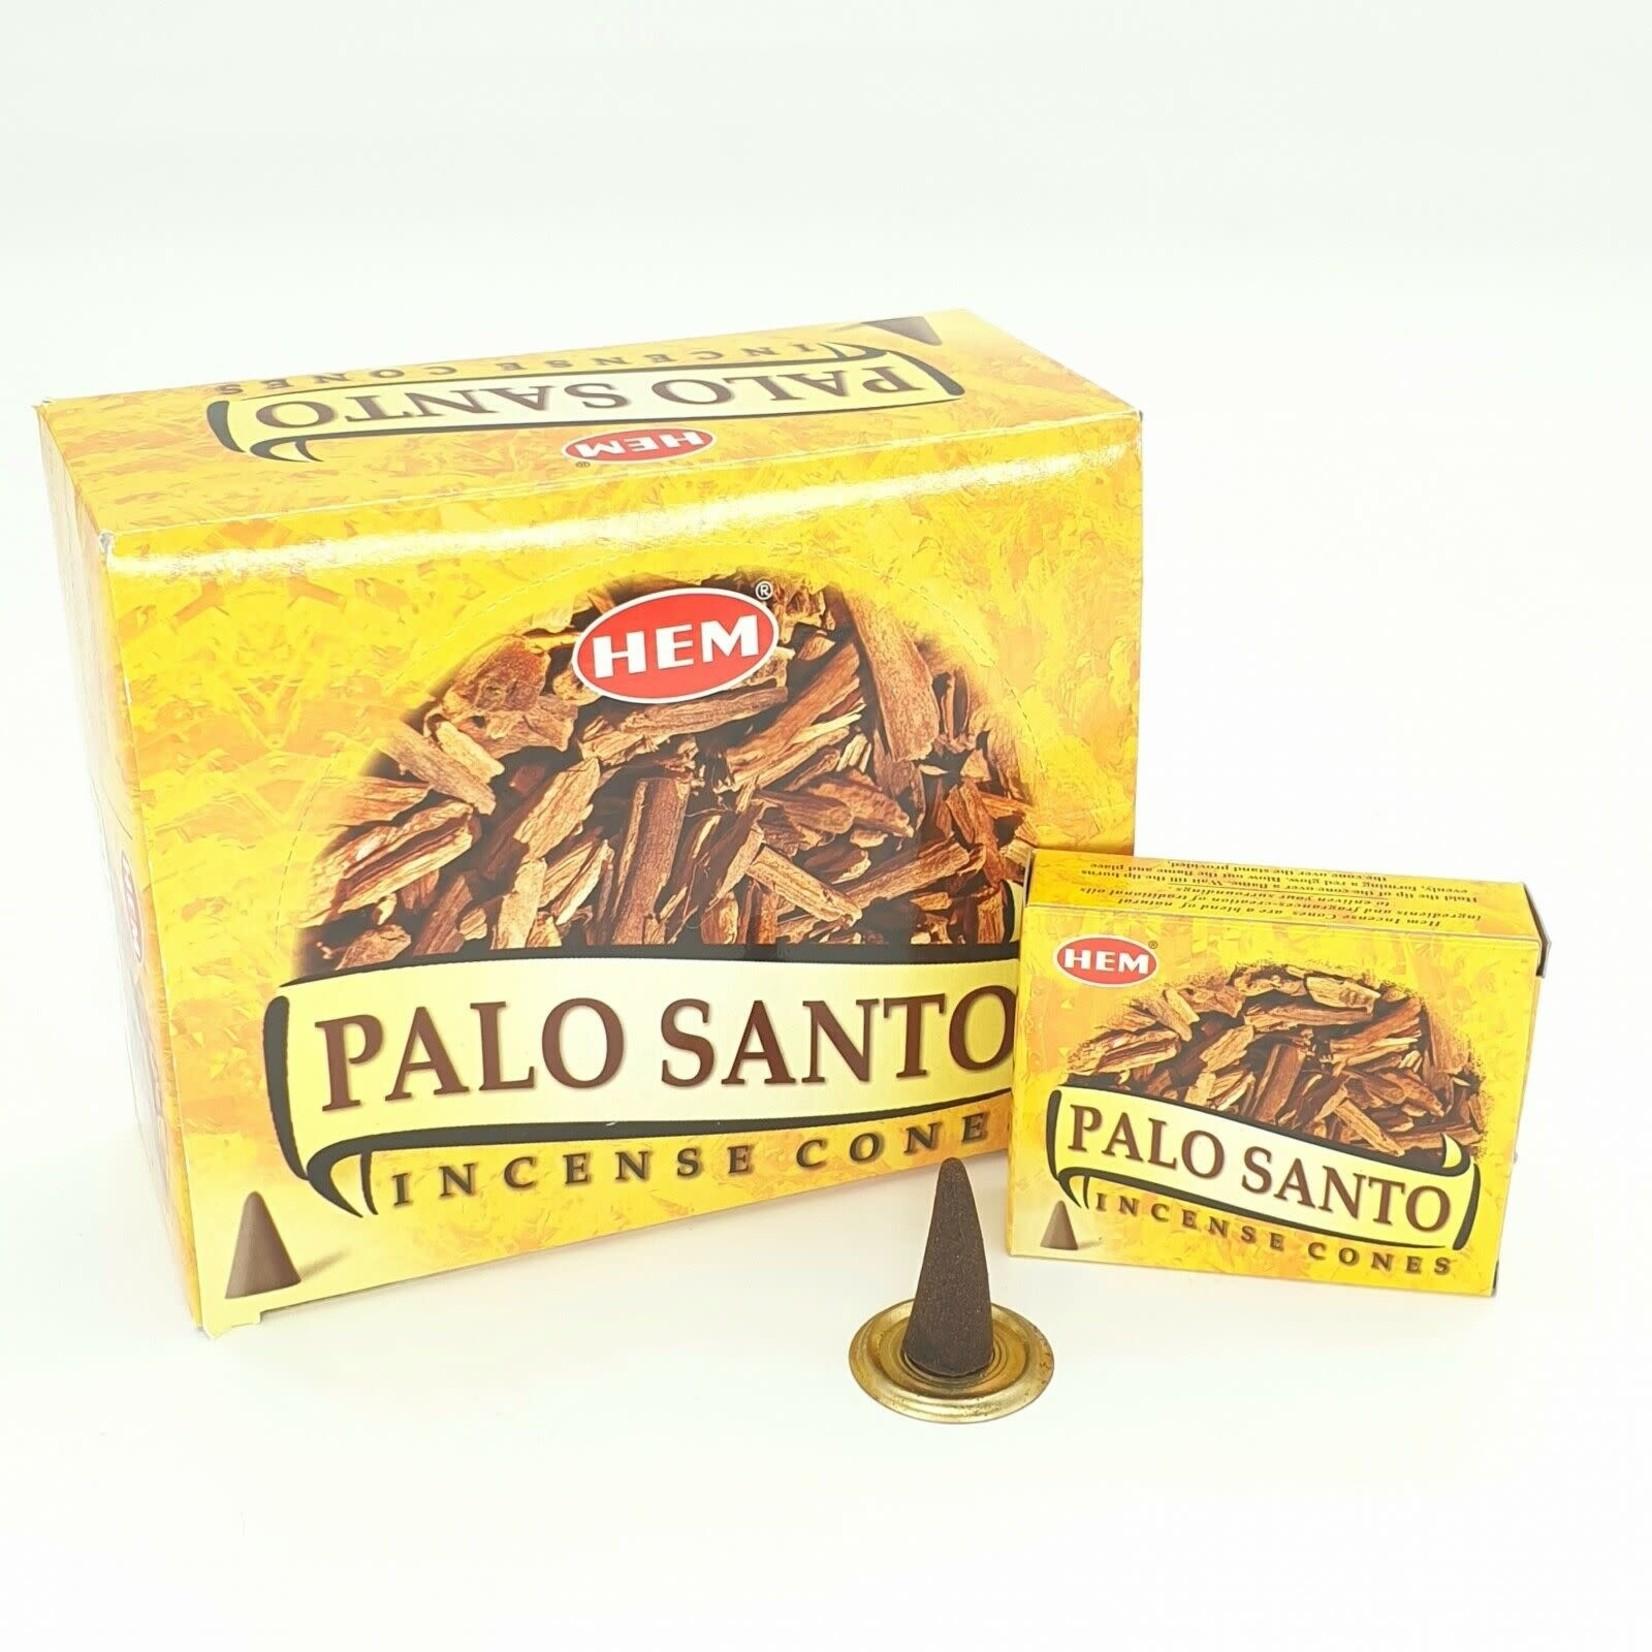 Palo Santo Cones Hem